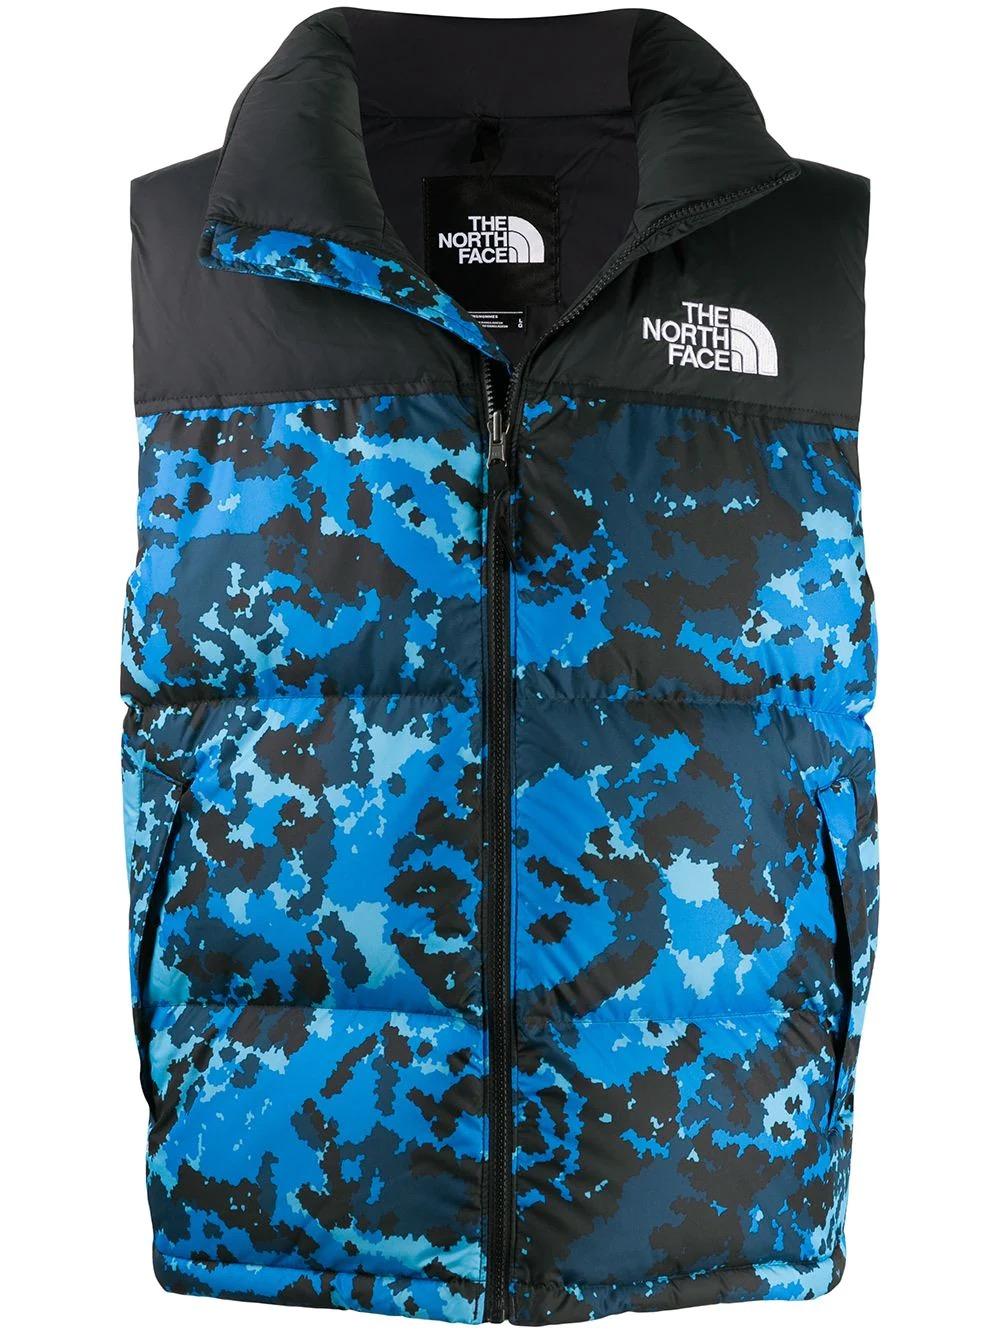 商品The North Face camouflage-print puffer gilet NF0A3JQQTPZ【Z洛杉矶直发】图片